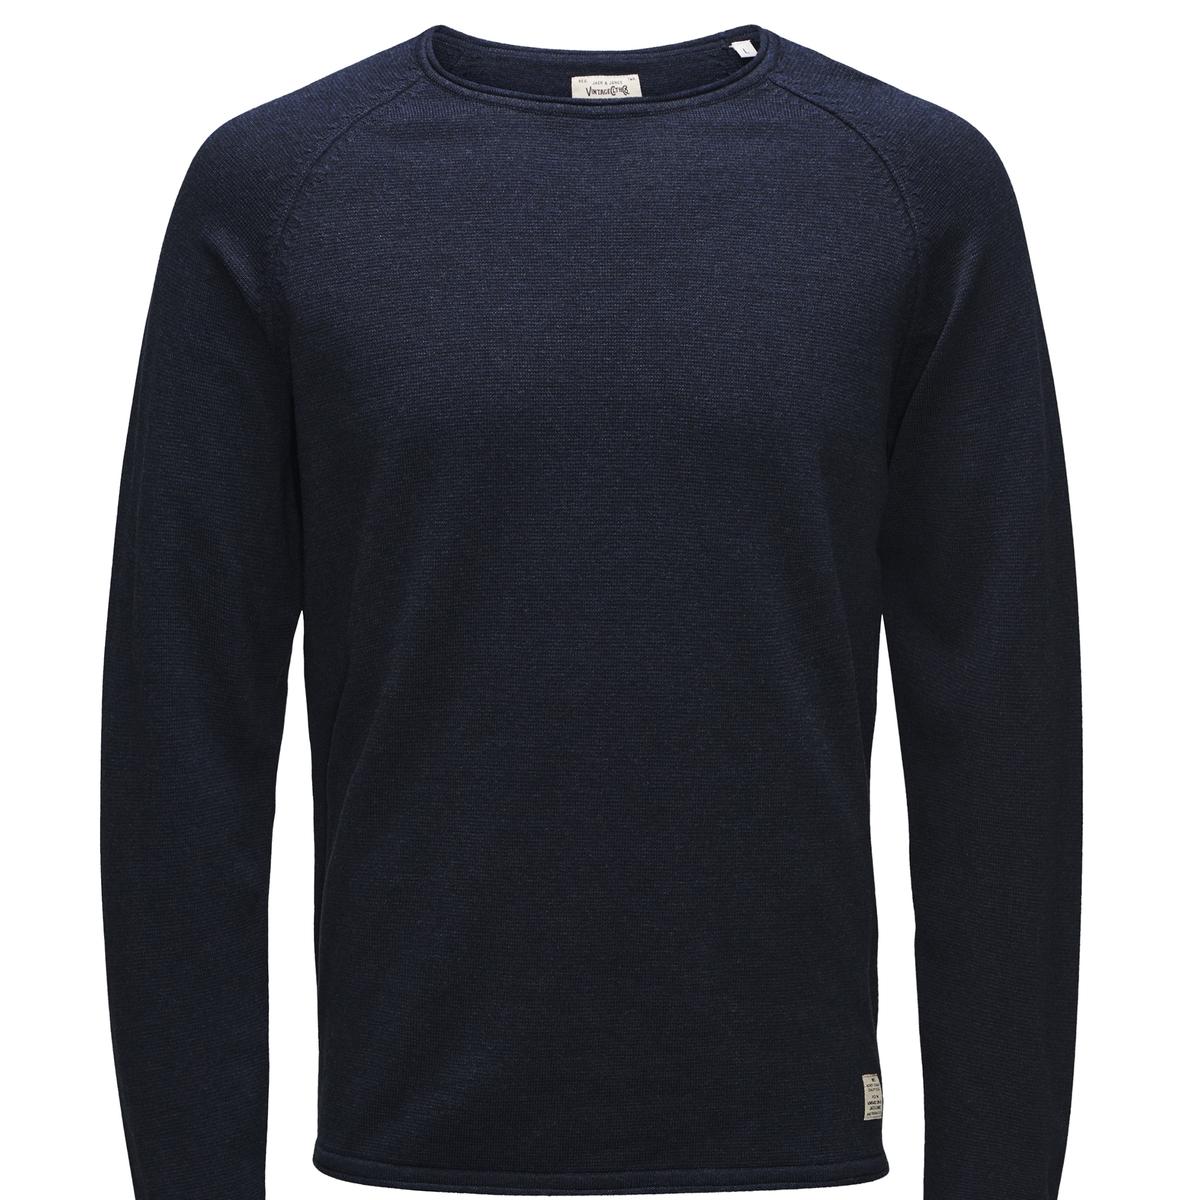 Пуловер UnionСостав и описание :Материал : 100% хлопкаМарка : JACK &amp; JONES VINTAGE<br><br>Цвет: темно-синий